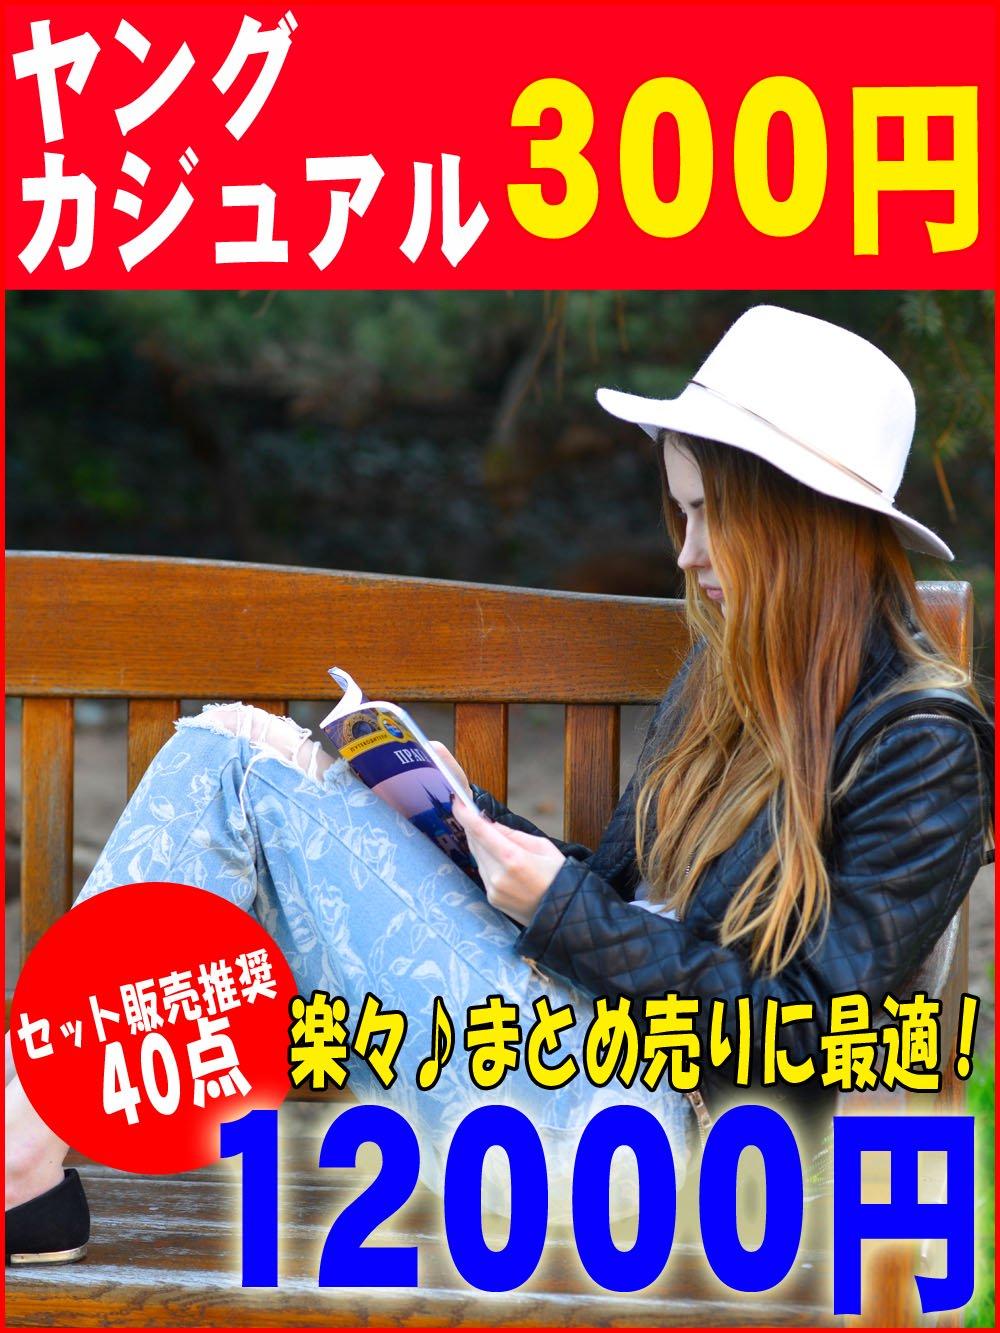 【120000円以上確定】初★ヤング!! 某ブランド アソートセット 【40点】@250